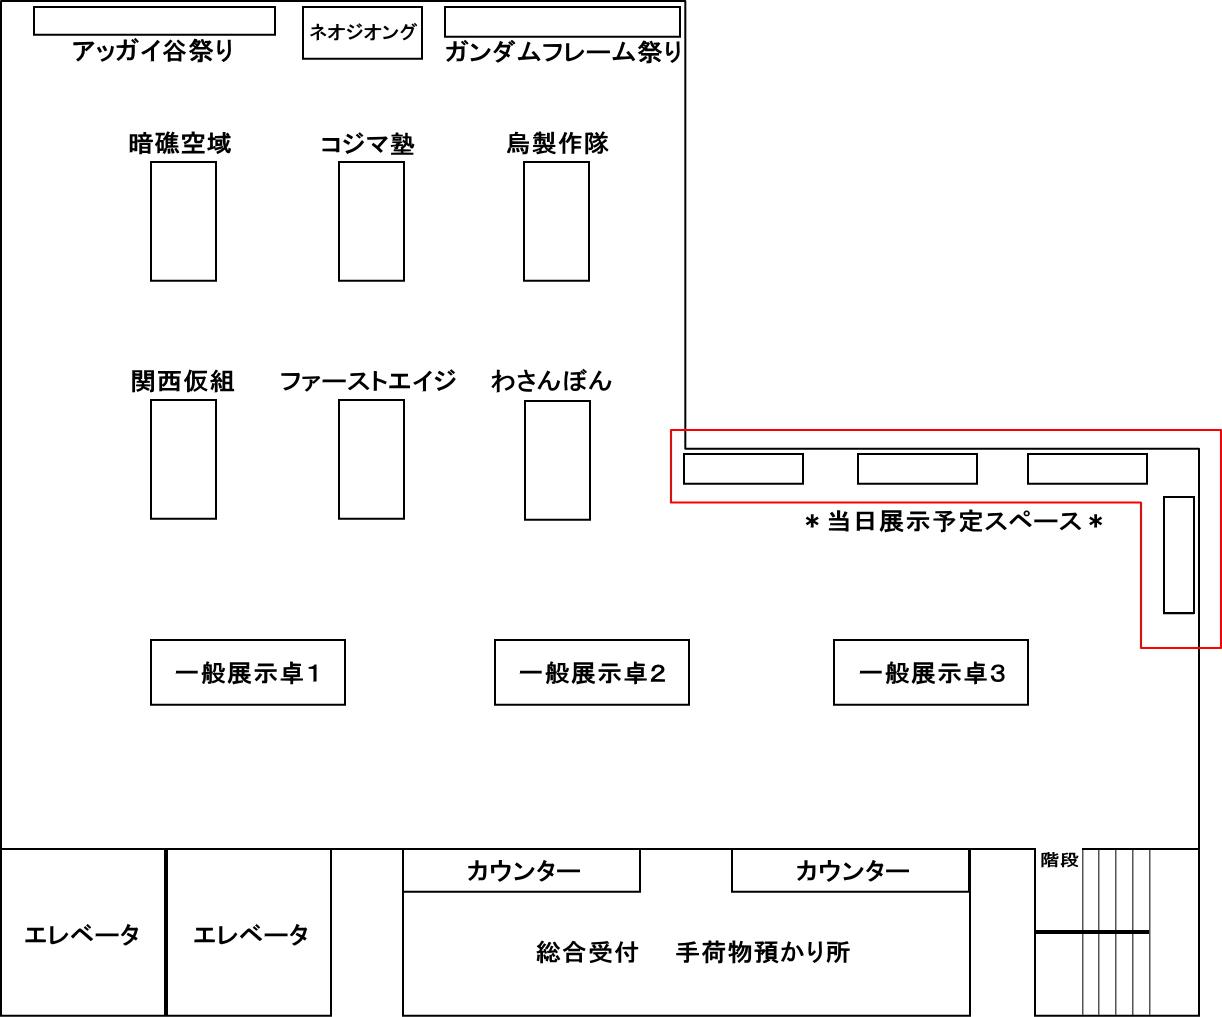 kcf2-kaizyou.jpg